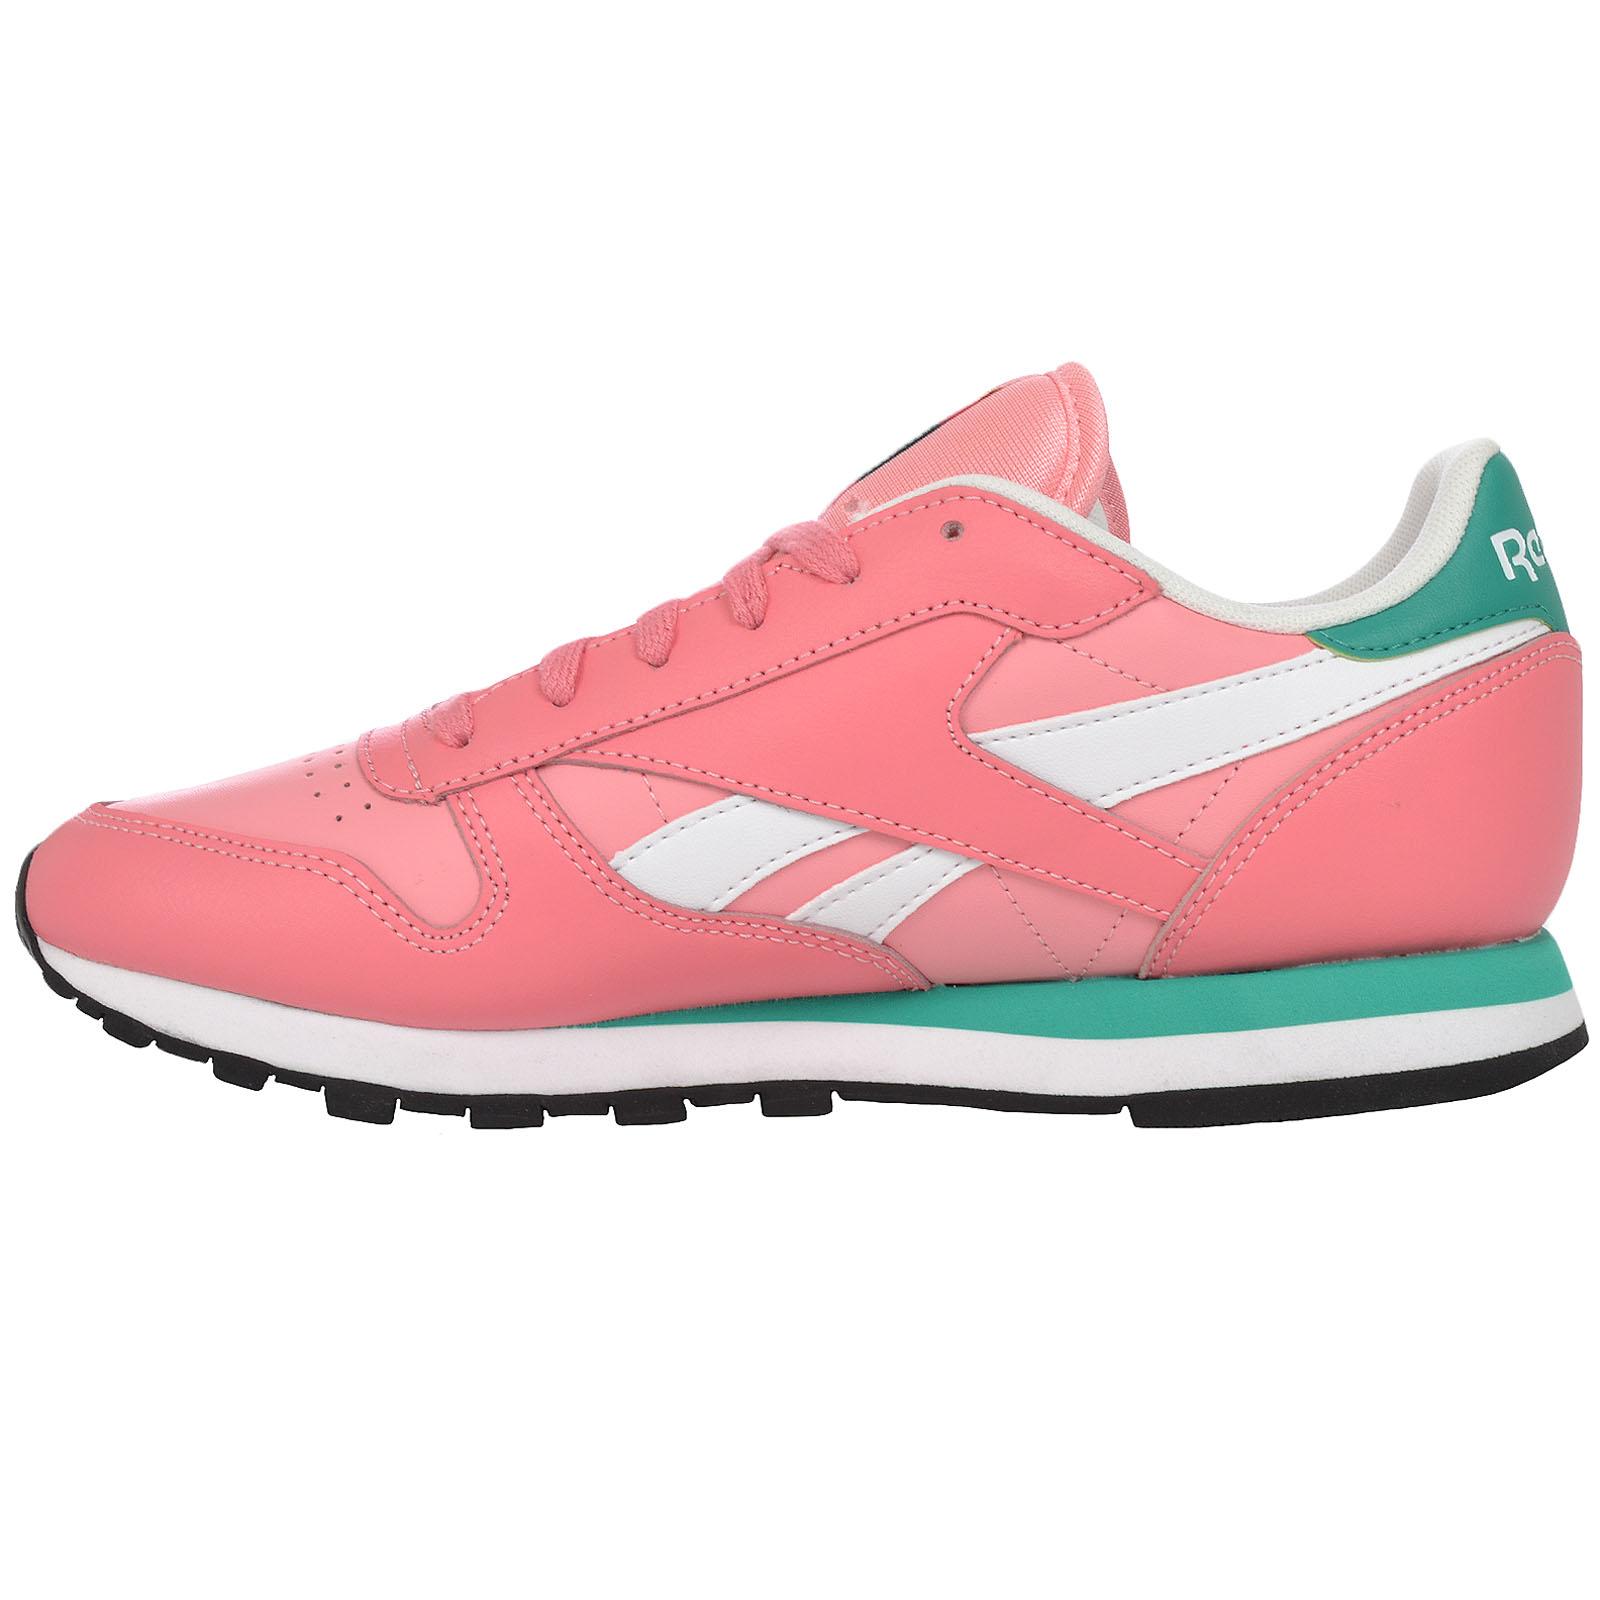 cheap for discount dde20 a7ef9 ... Reebok Classic Mujer Cuero temporada 2 Moda Informal Correr Zapatillas  Zapatos ...